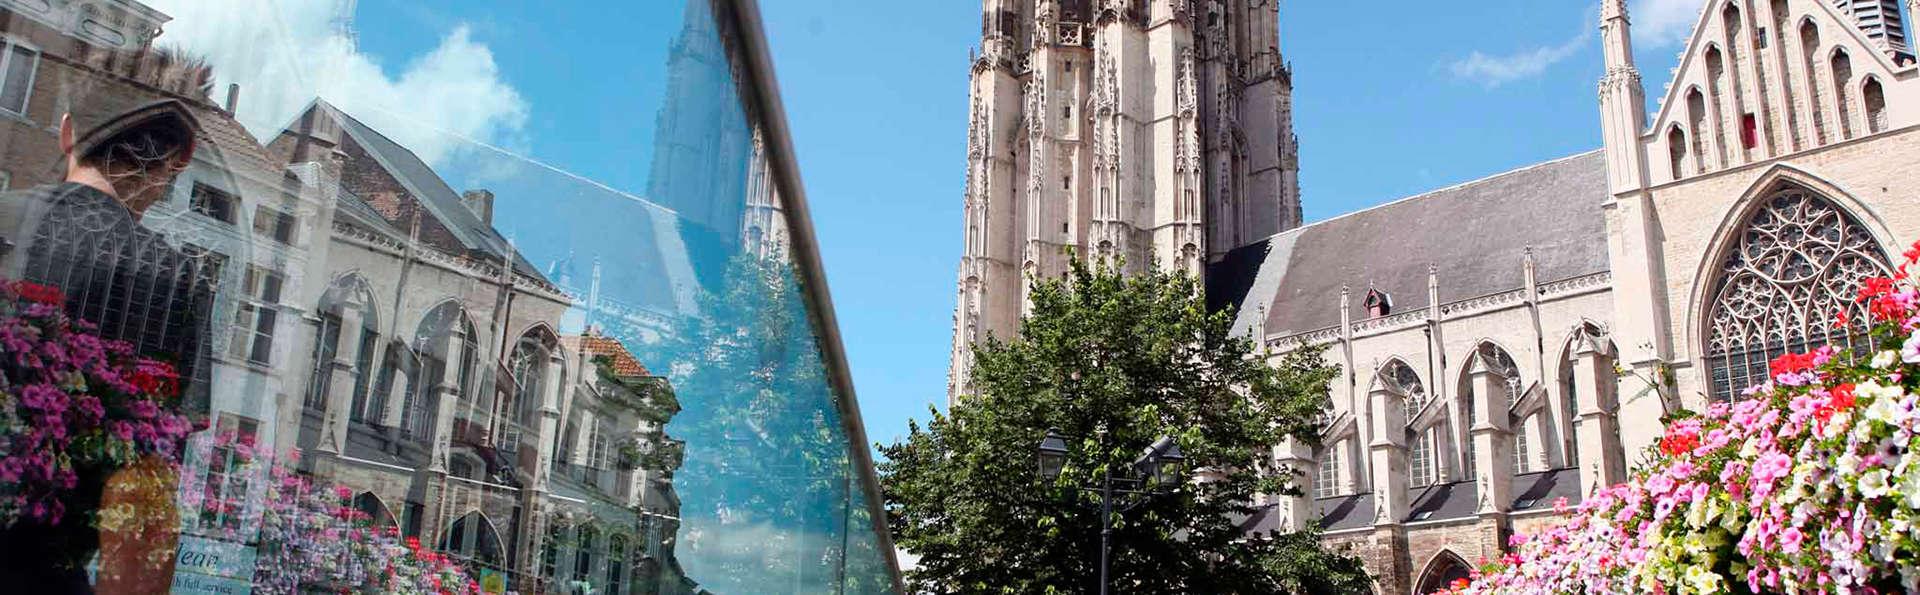 Découvrez la ville de Malines en bâteau et depuis la fameuse Tour Saint-Rombaut (àpd 2 nuits)